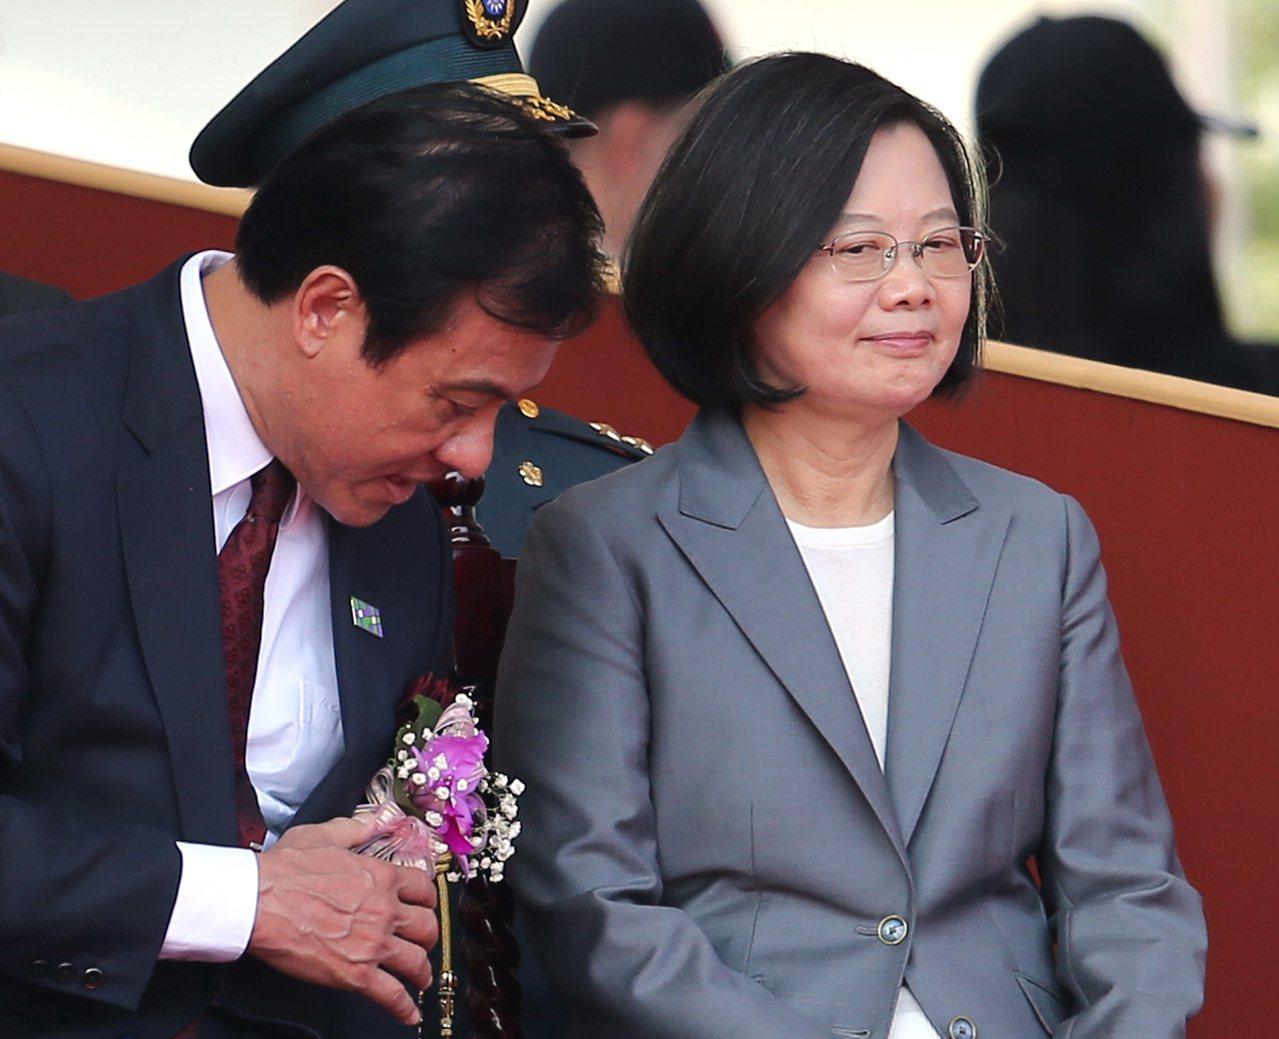 為了不分區立委提名名單,立法院長蘇嘉全(左)與蔡總統的互動令外界關注。 圖/聯合...